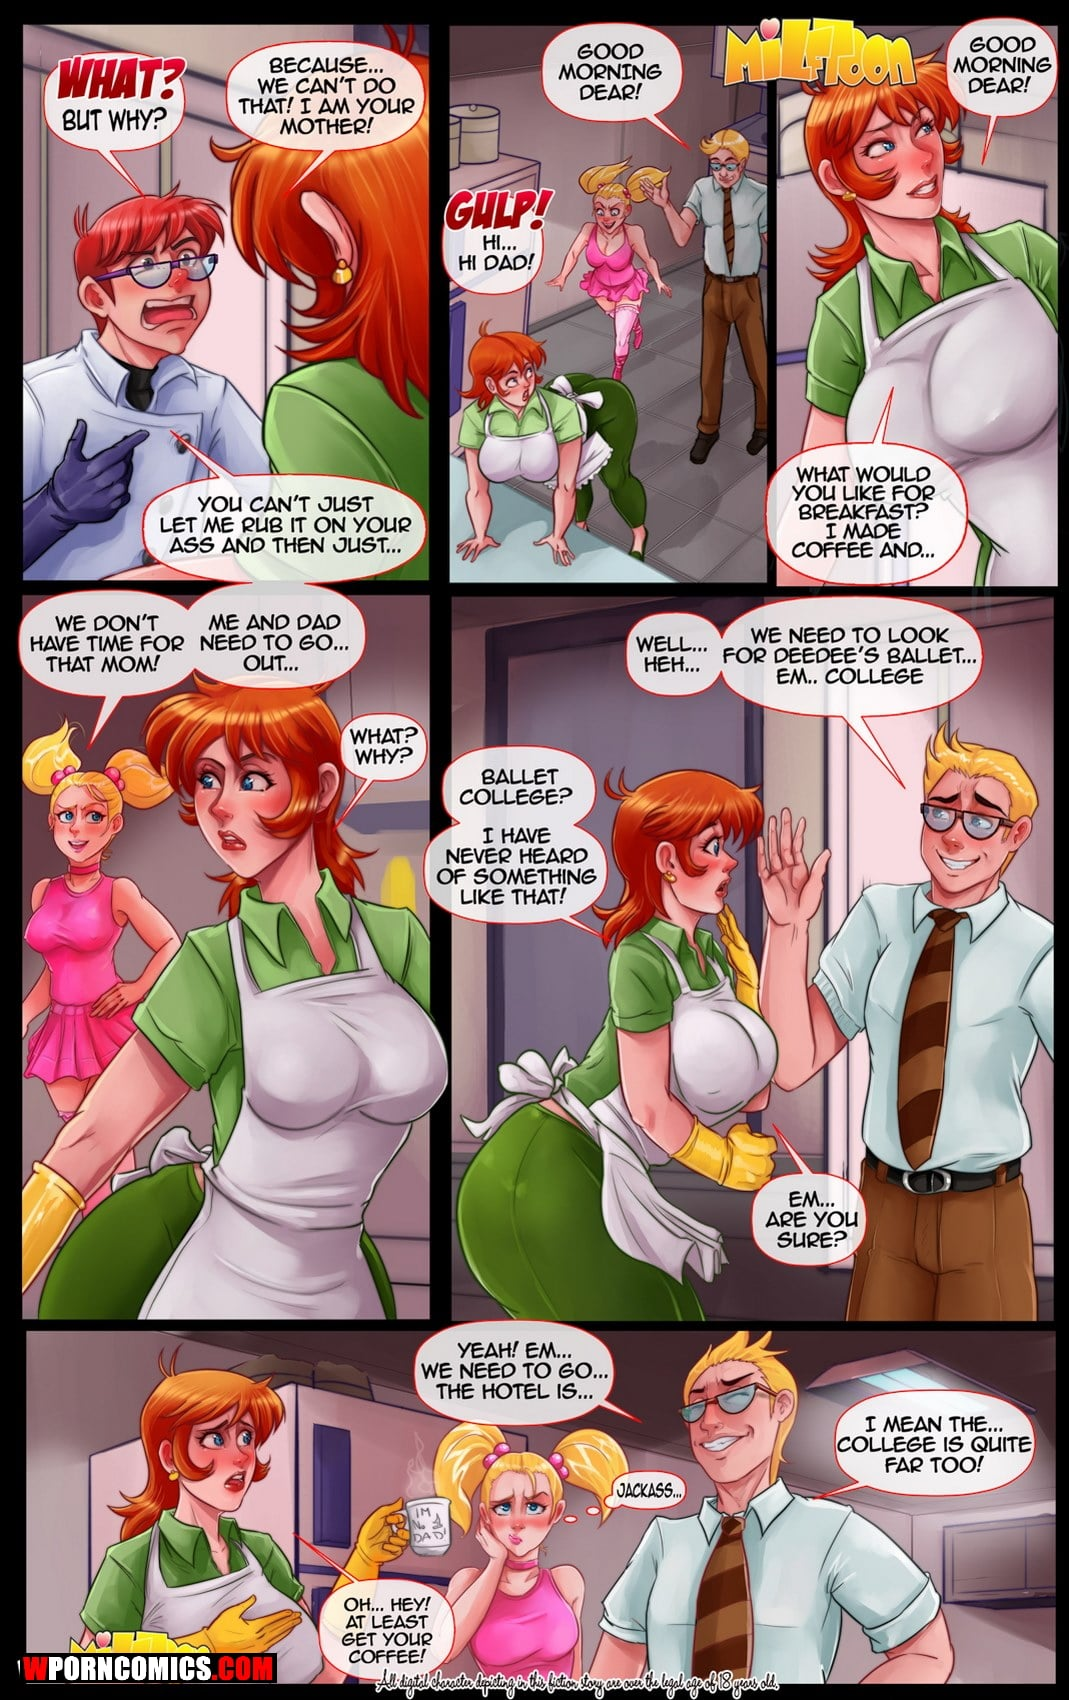 porn-comic-dexters-flap-part-1-2020-02-11/porn-comic-dexters-flap-part-1-2020-02-11-47537.jpg